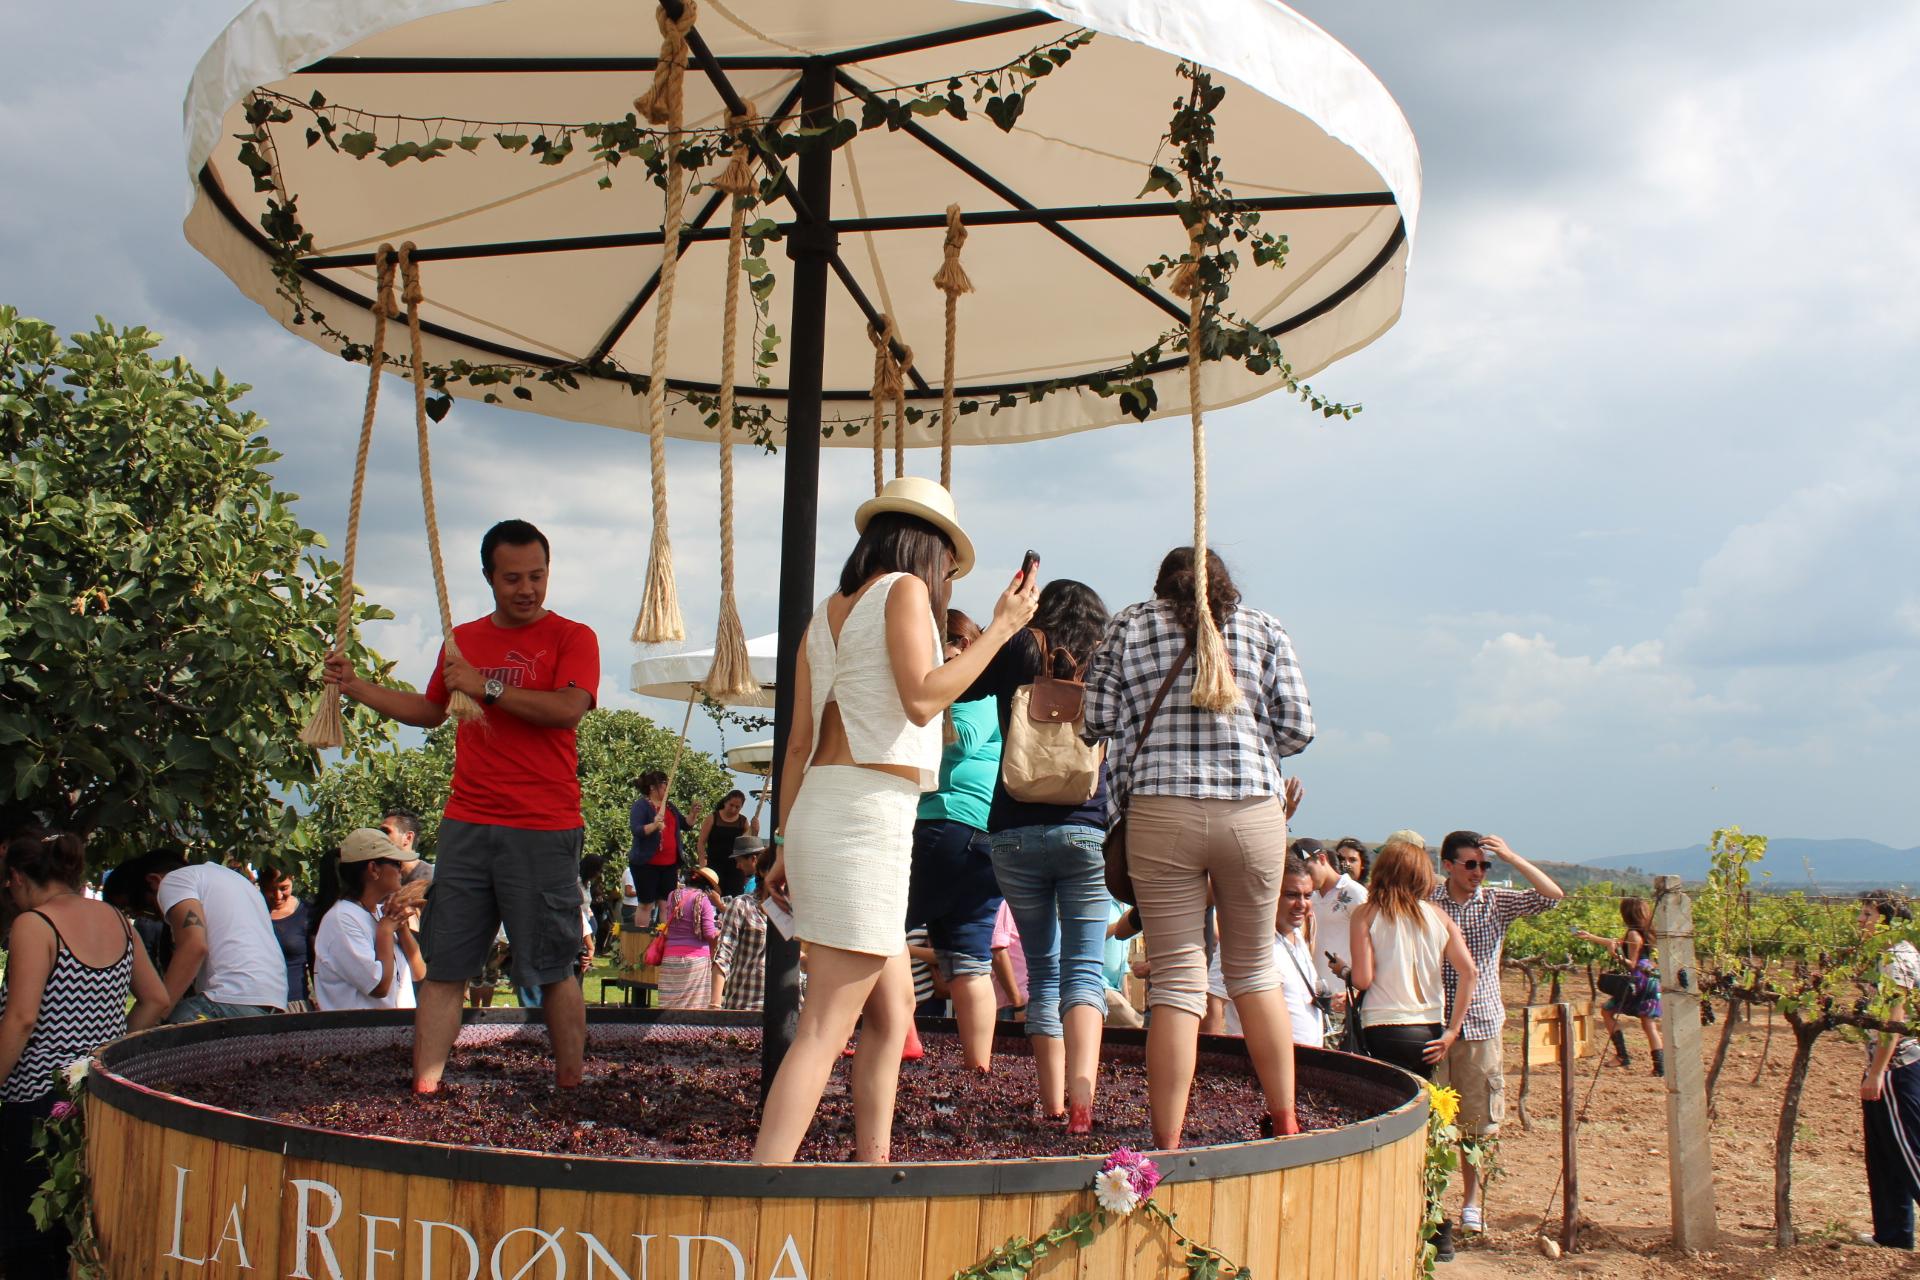 Fiestas de la Vendimia en La Redonda